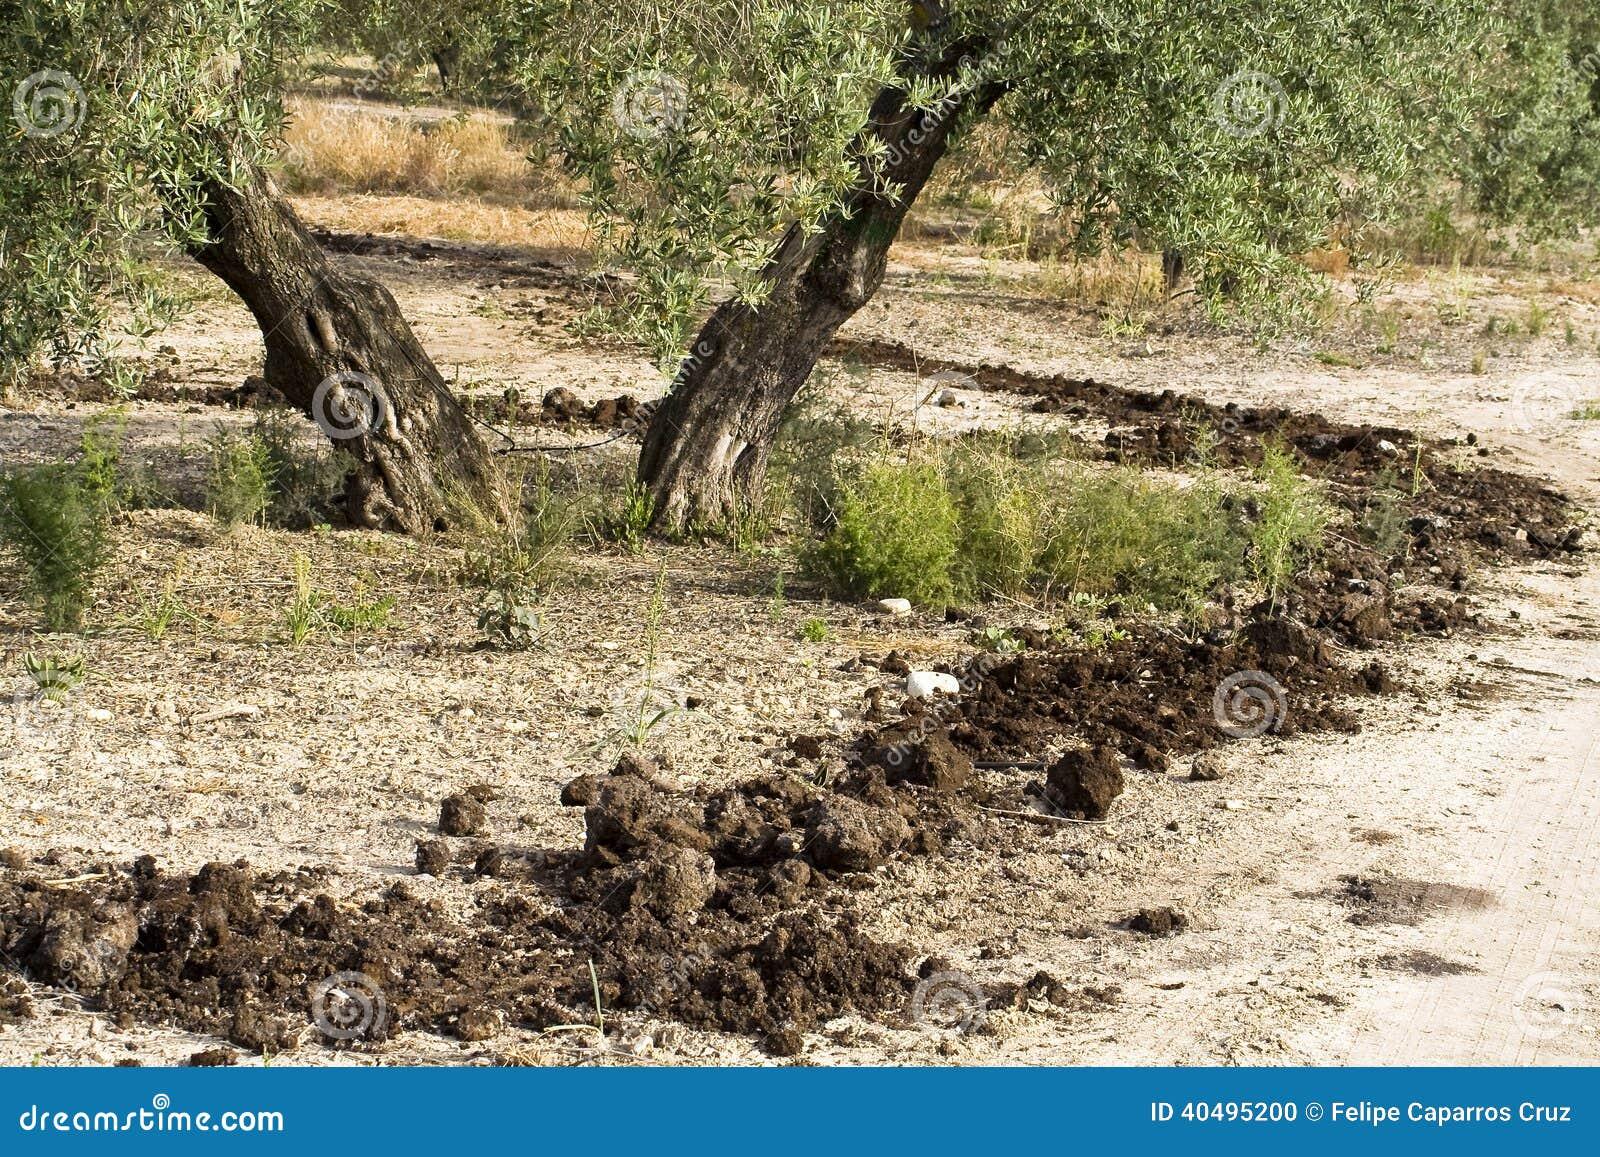 Trattamento di fecondazione in di olivo spagna fotografia for Acquisto piante olivo